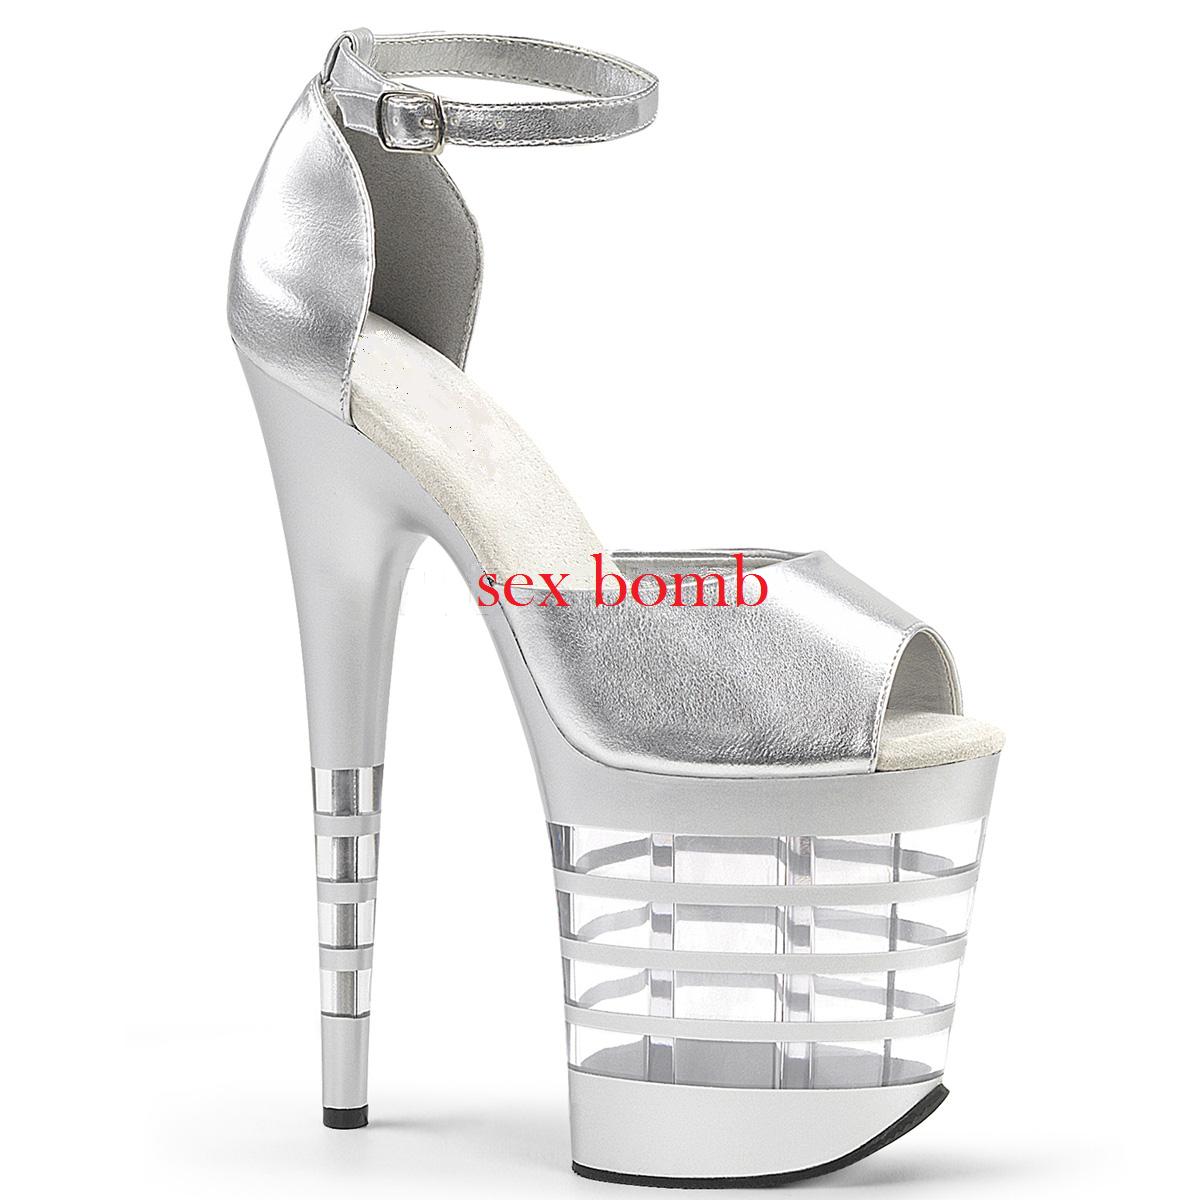 Sexy SANDALI tacco 20 dal 35 al 40 40 40 plata plateau cinturino zapatos GLAMOUR Club  Sin impuestos